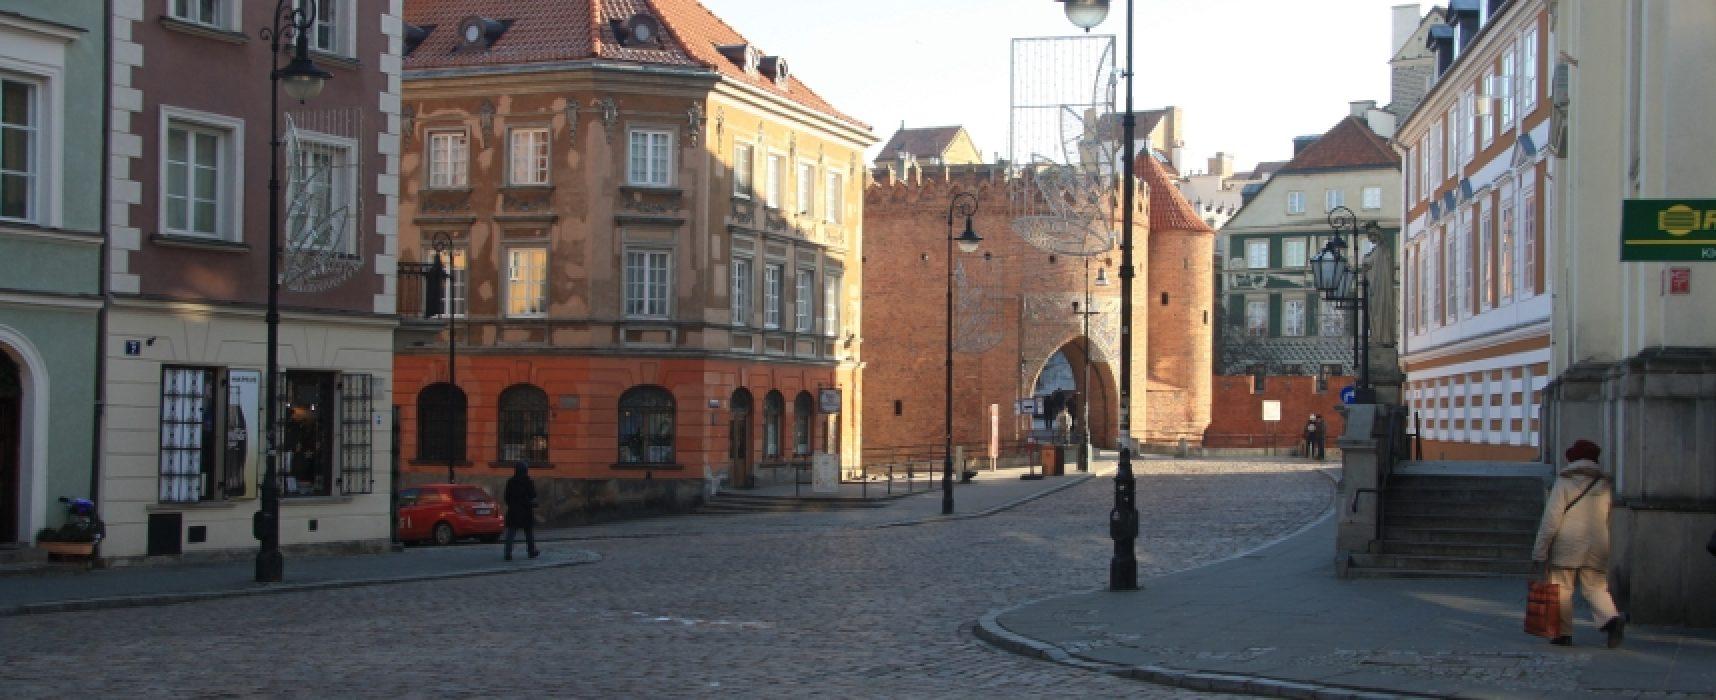 A Proposito di Viaggi consiglia…Polonia / FOTO